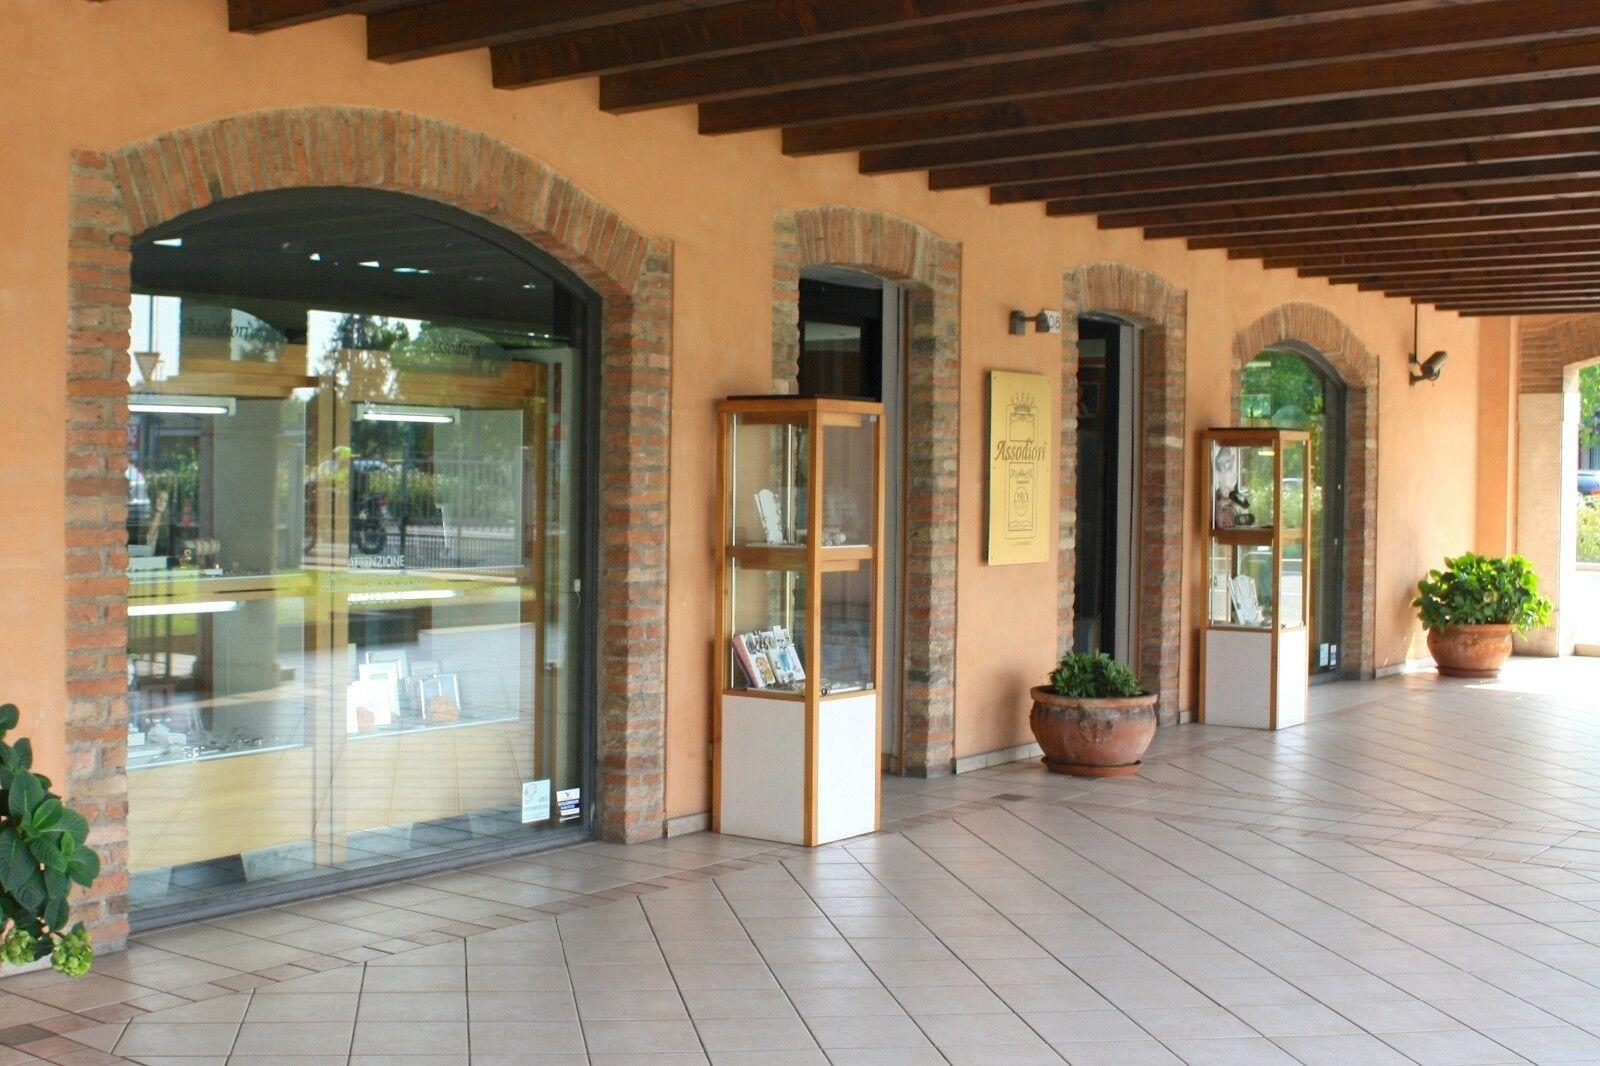 CIONDOLO CROCE KARISMA IN ORO ROSA 18K 750 CON RETRO TRAFORATO MADE IN ITALY